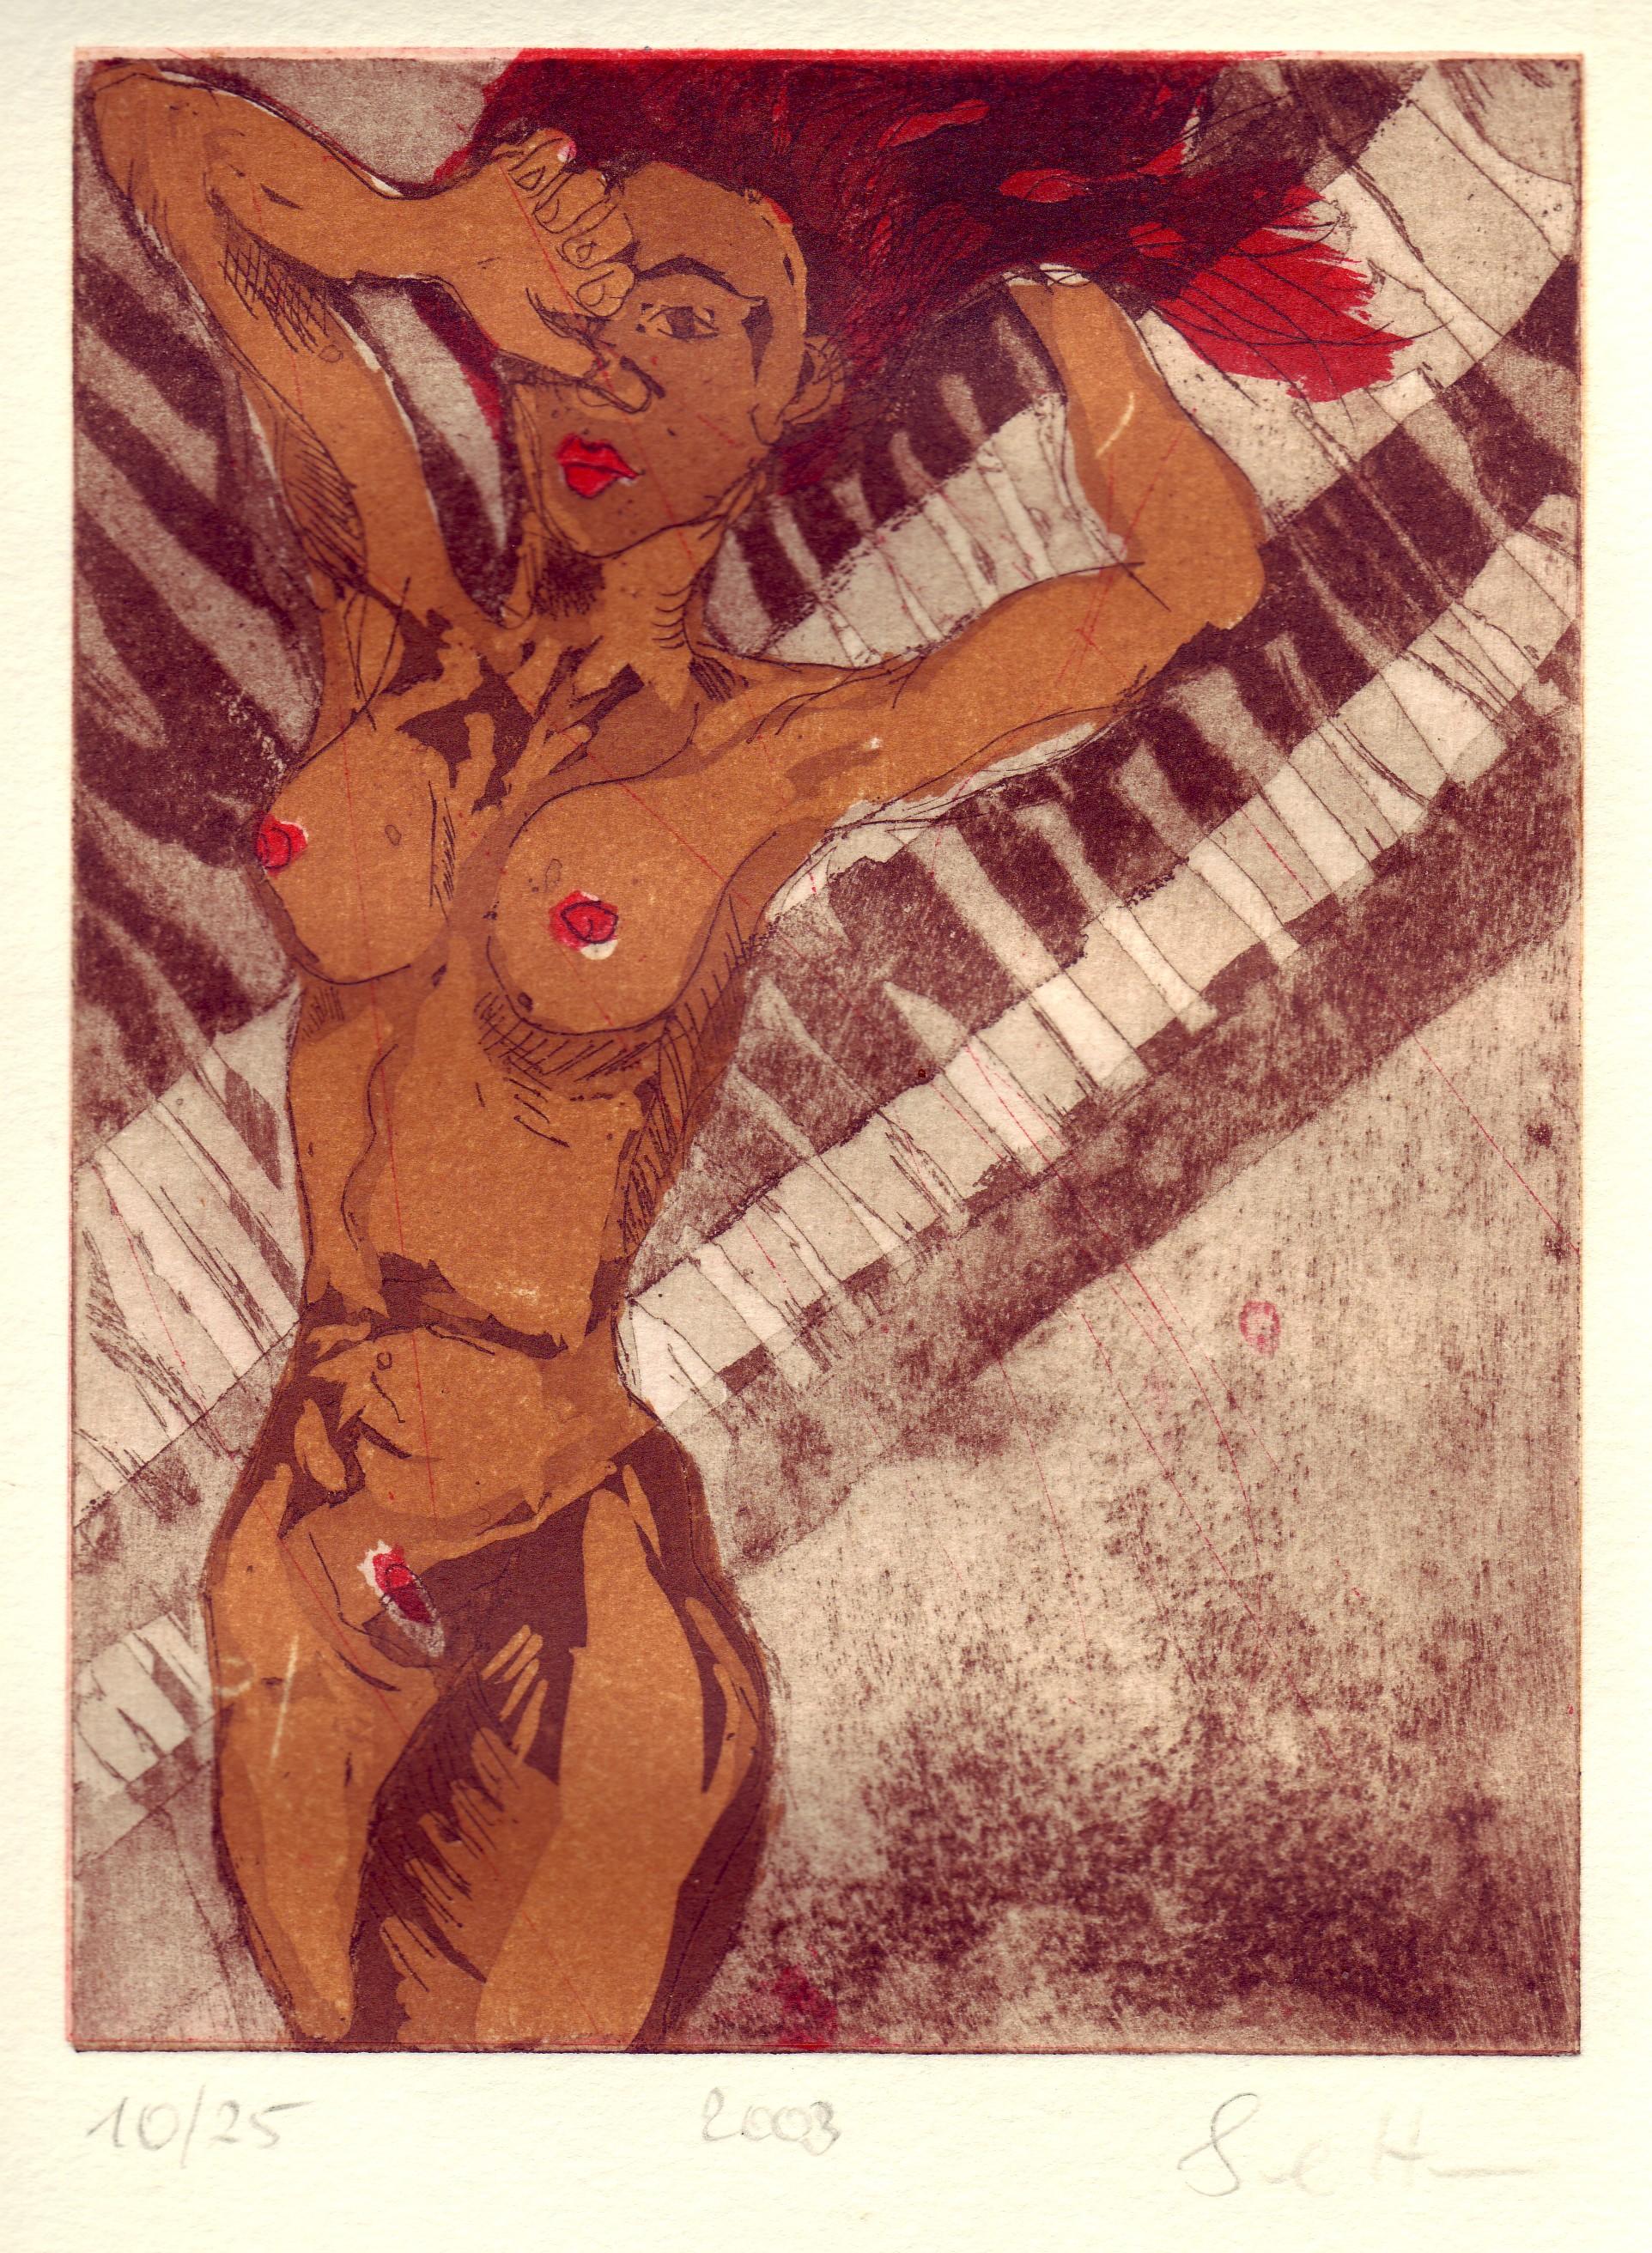 Akt stehend - Aquatinta von Susanne Haun, 3 Platten, 20 x 15 cm